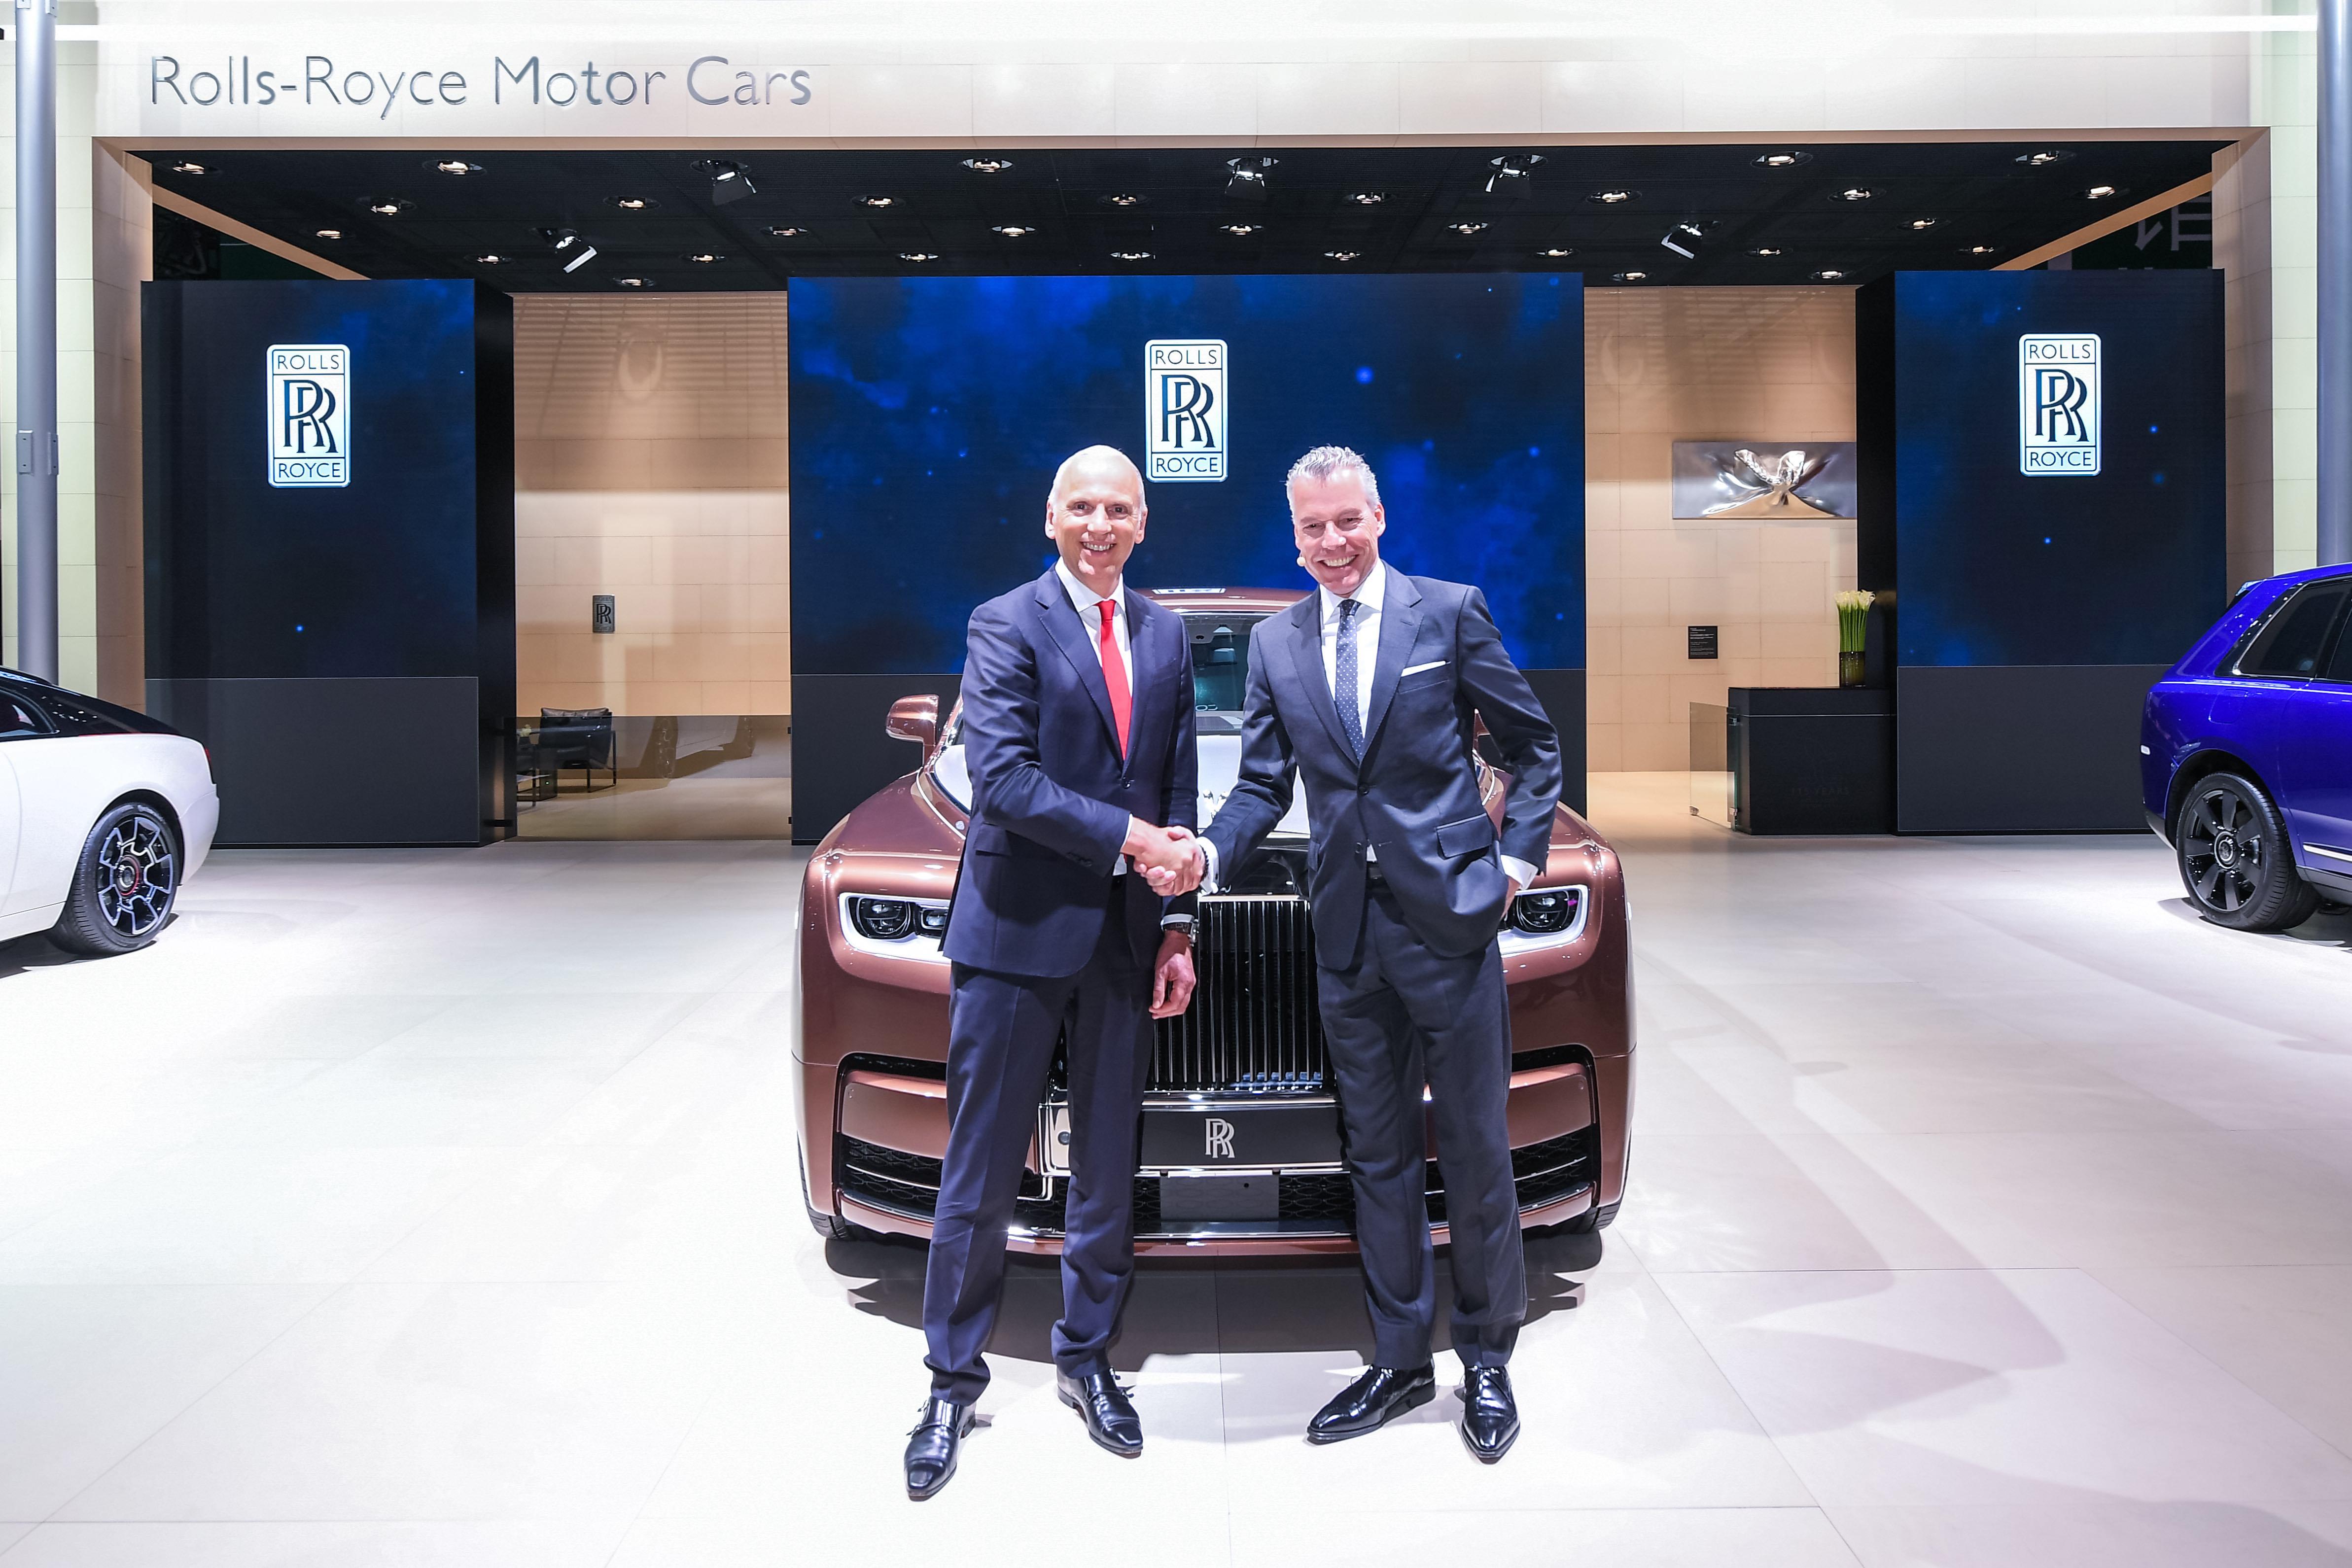 【新闻图片】劳斯劳斯汽车首席执行官托斯顿先生和宝马集团董事、劳斯莱斯汽车新任总裁诺达先生合影